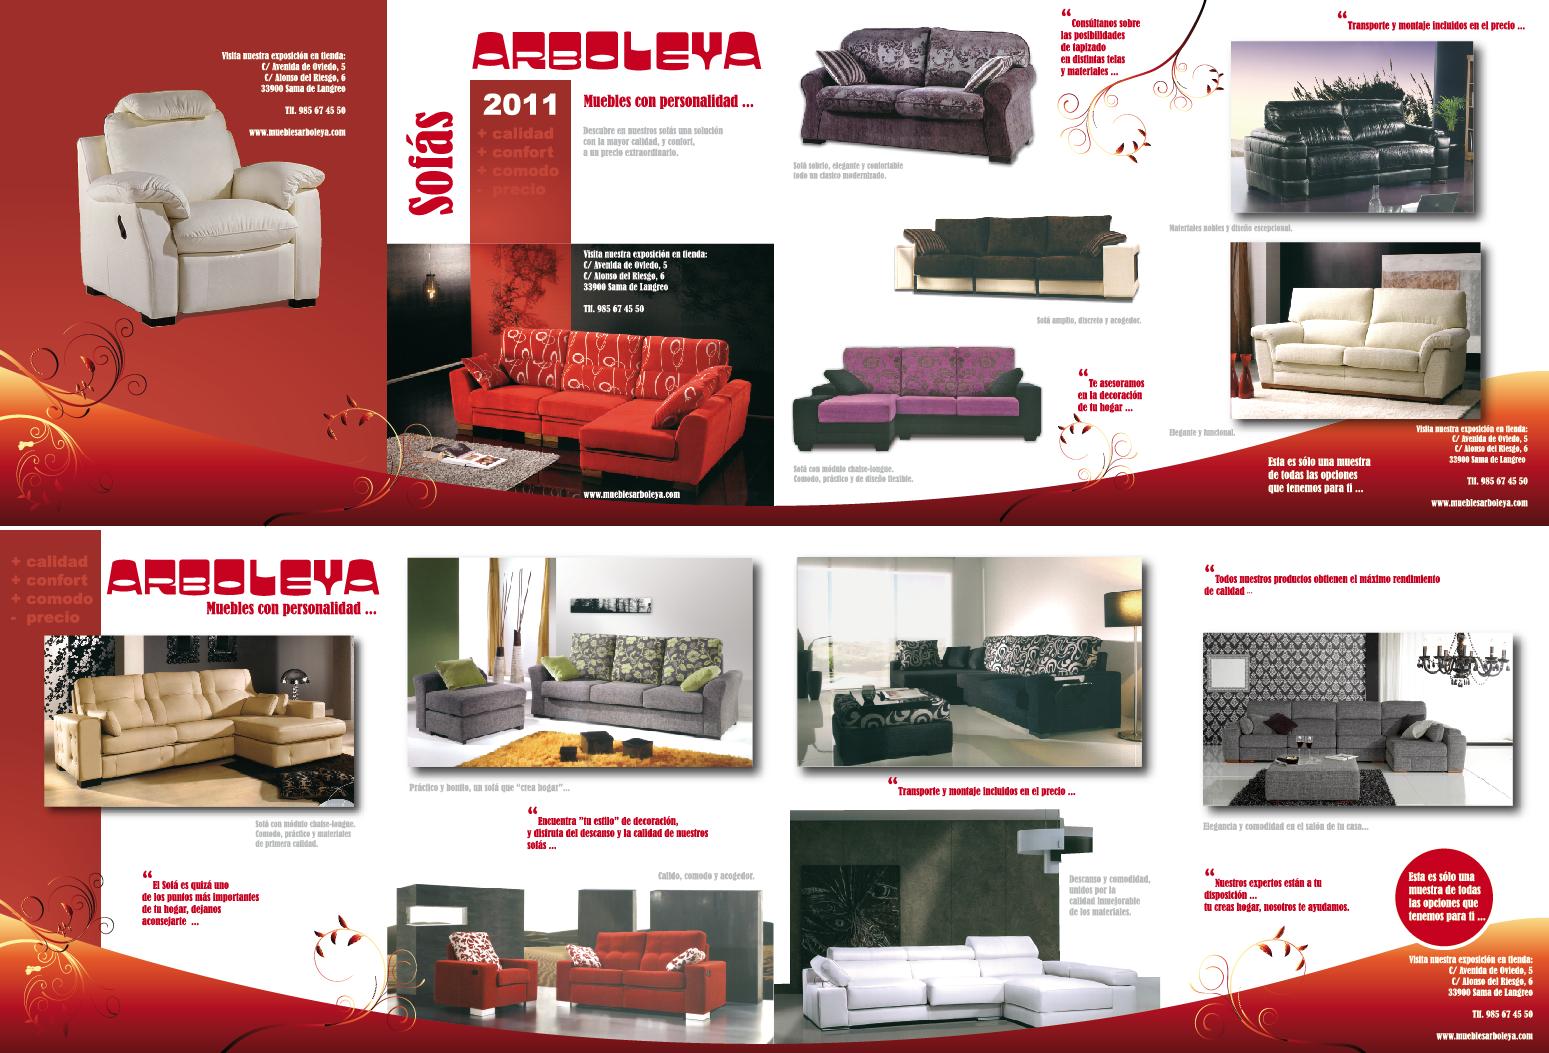 Buzoneo de sofas en langreo llana publicidad for Catalogo de muebles